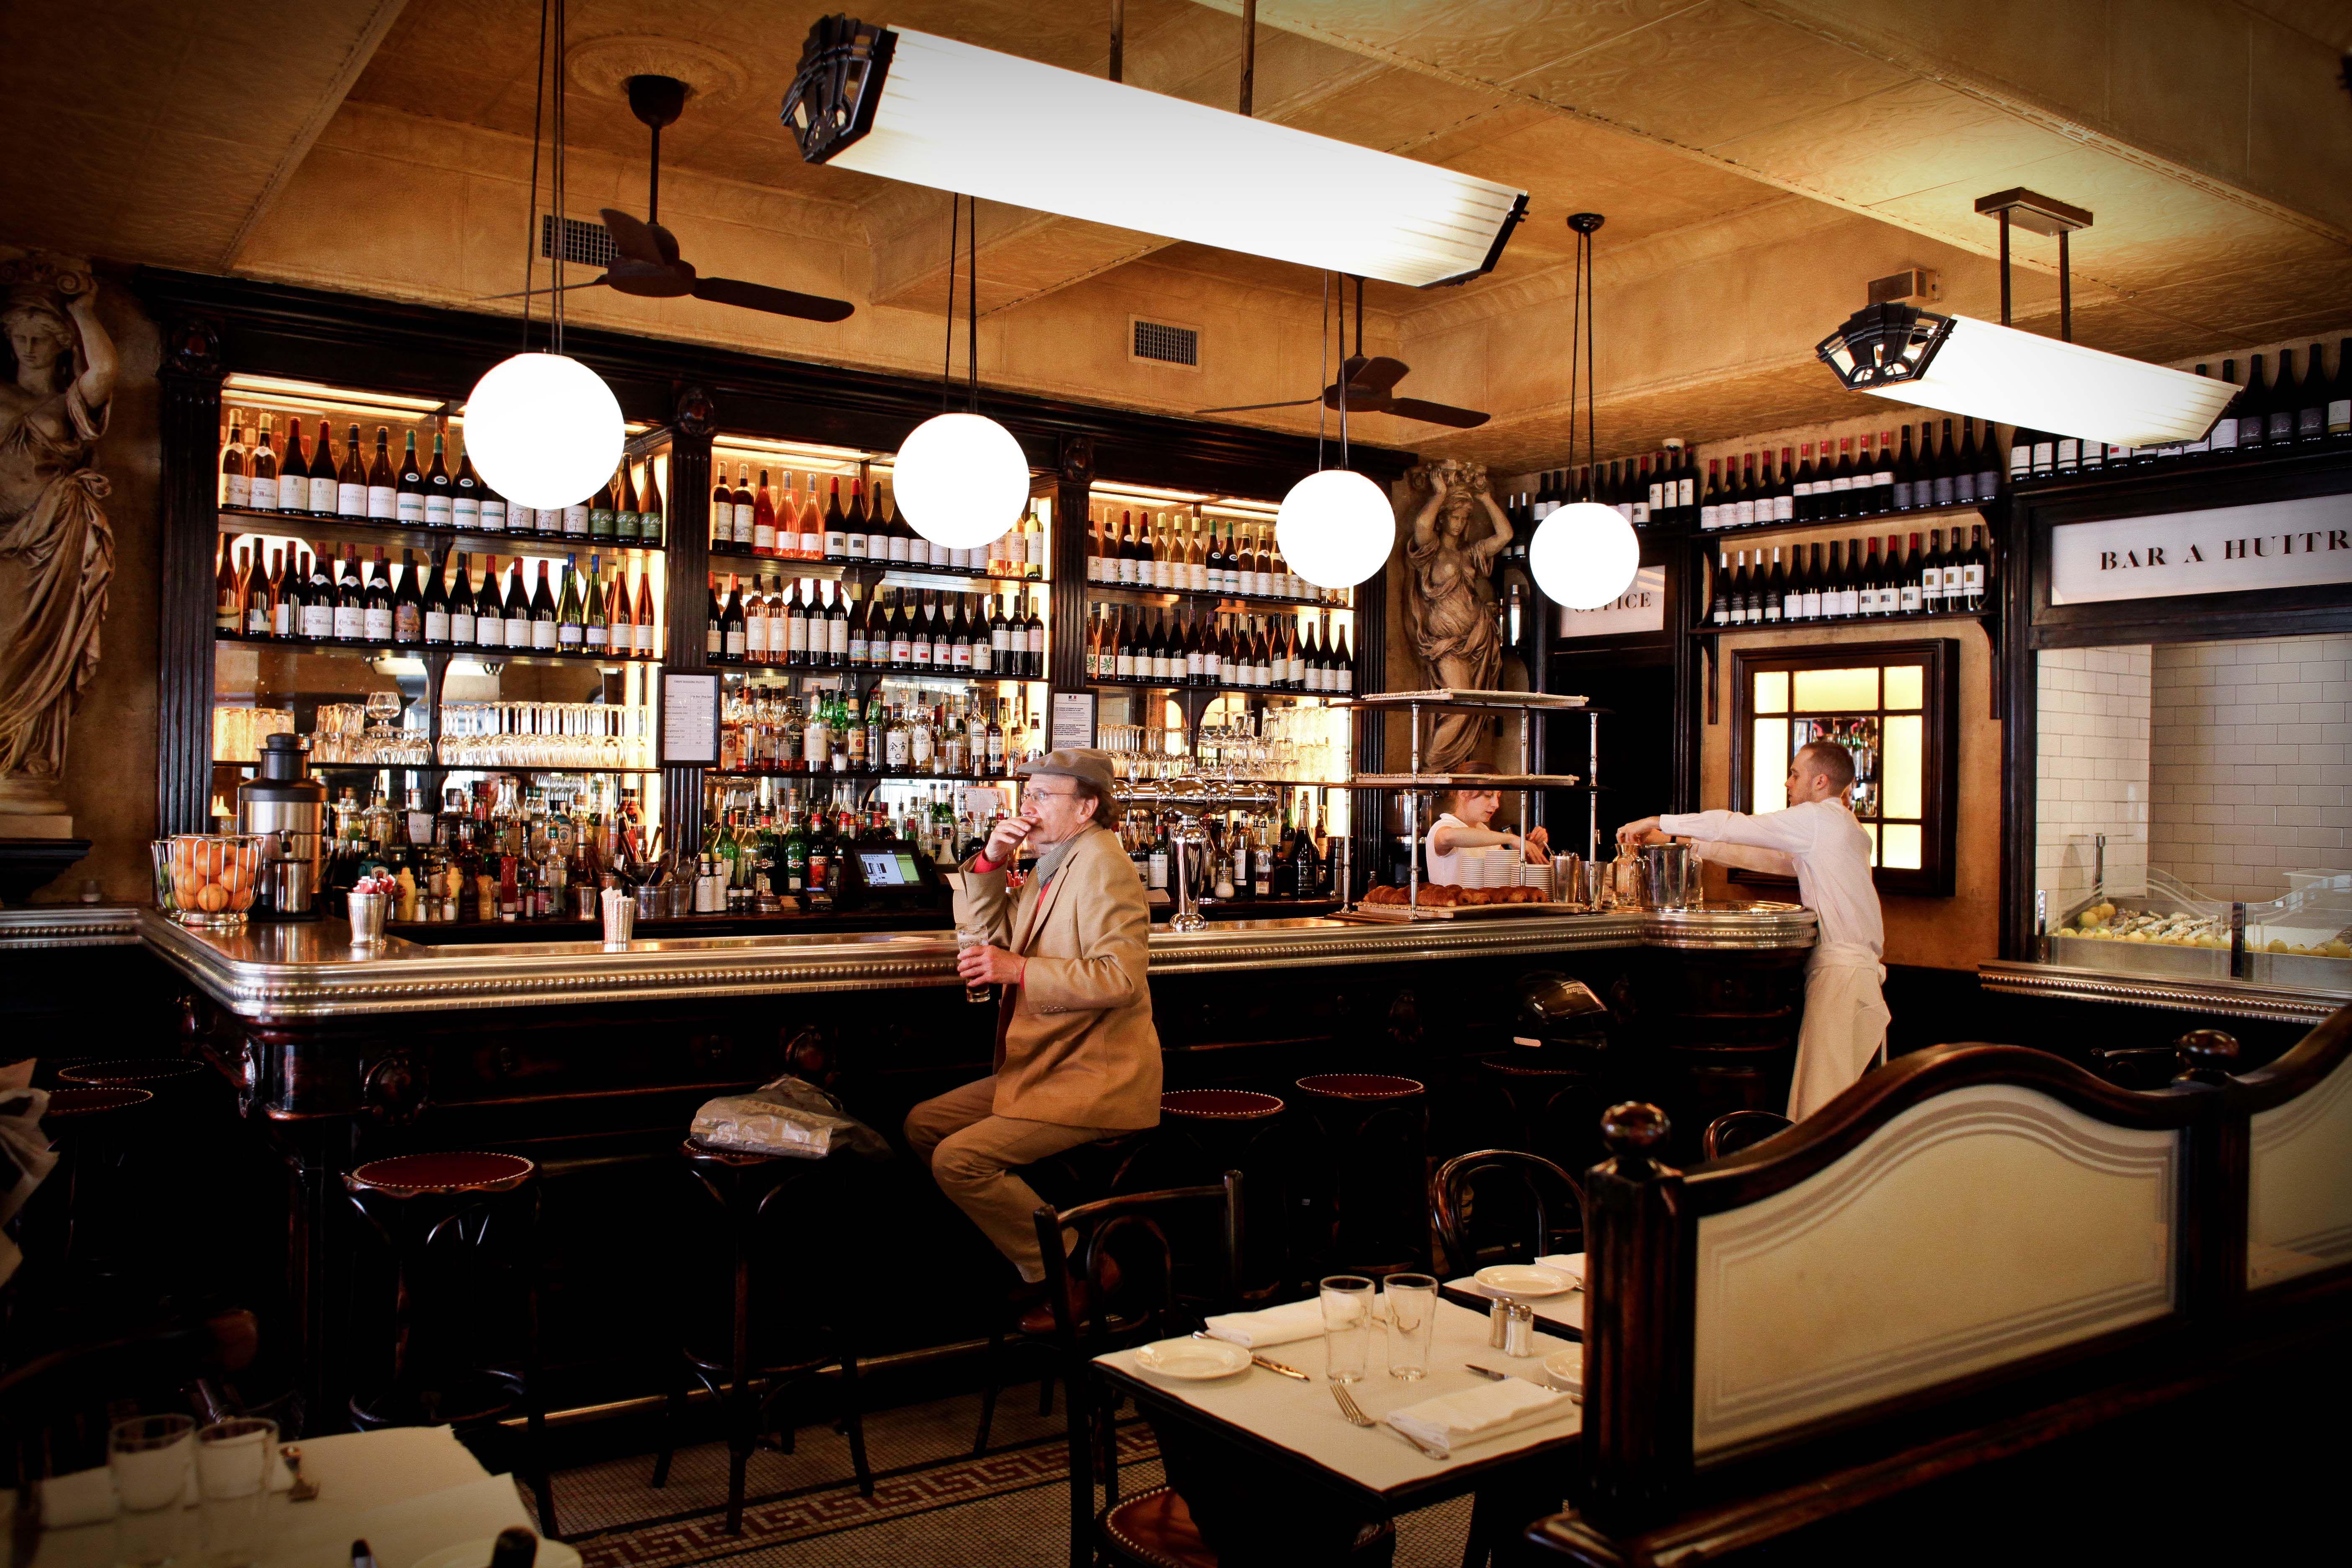 Intérieur / Bar - Le Valois #Paris #bar #huitres #75008 #restaurant ...